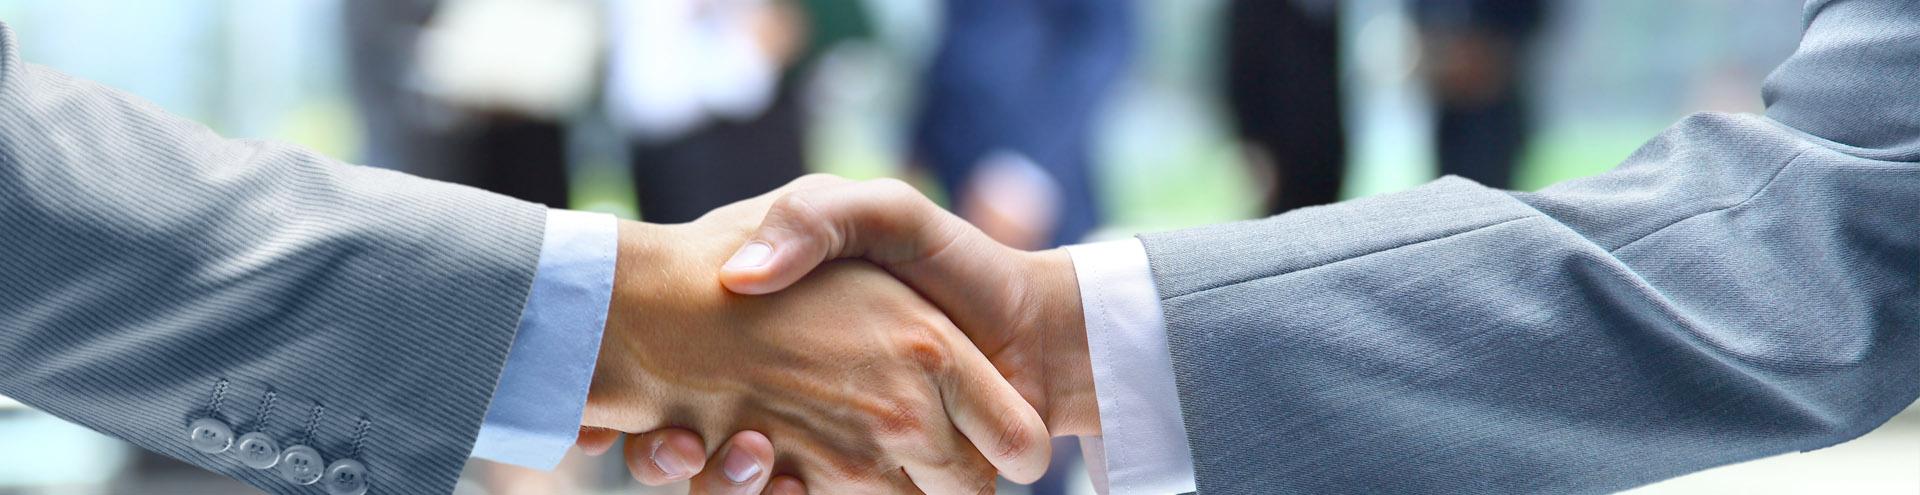 Защита деловой репутации в Чебоксарах